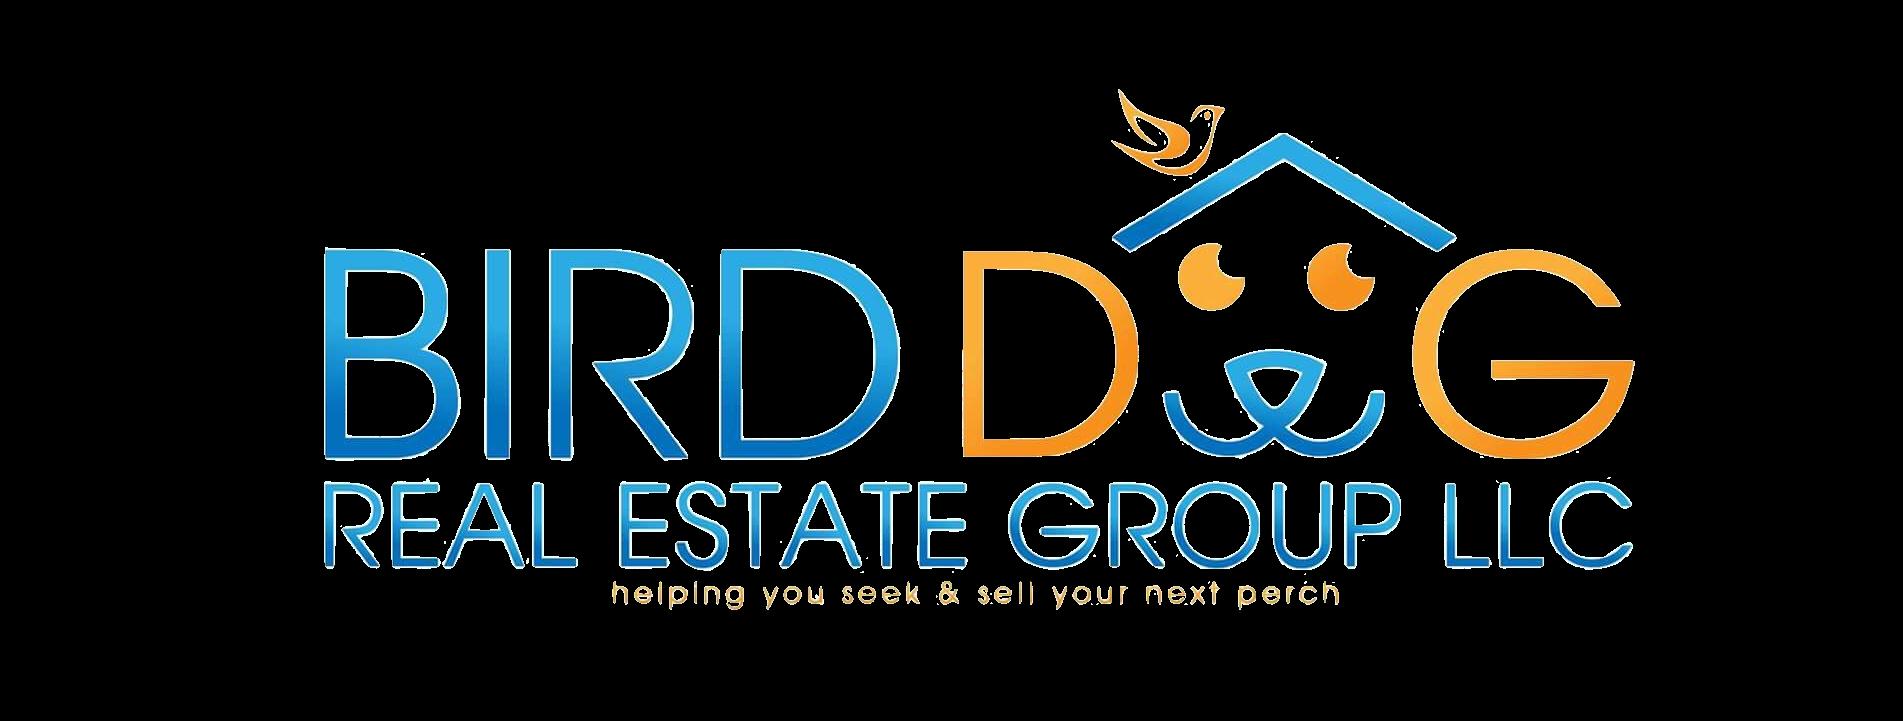 Bird Dog Real Estate Group, LLC logo